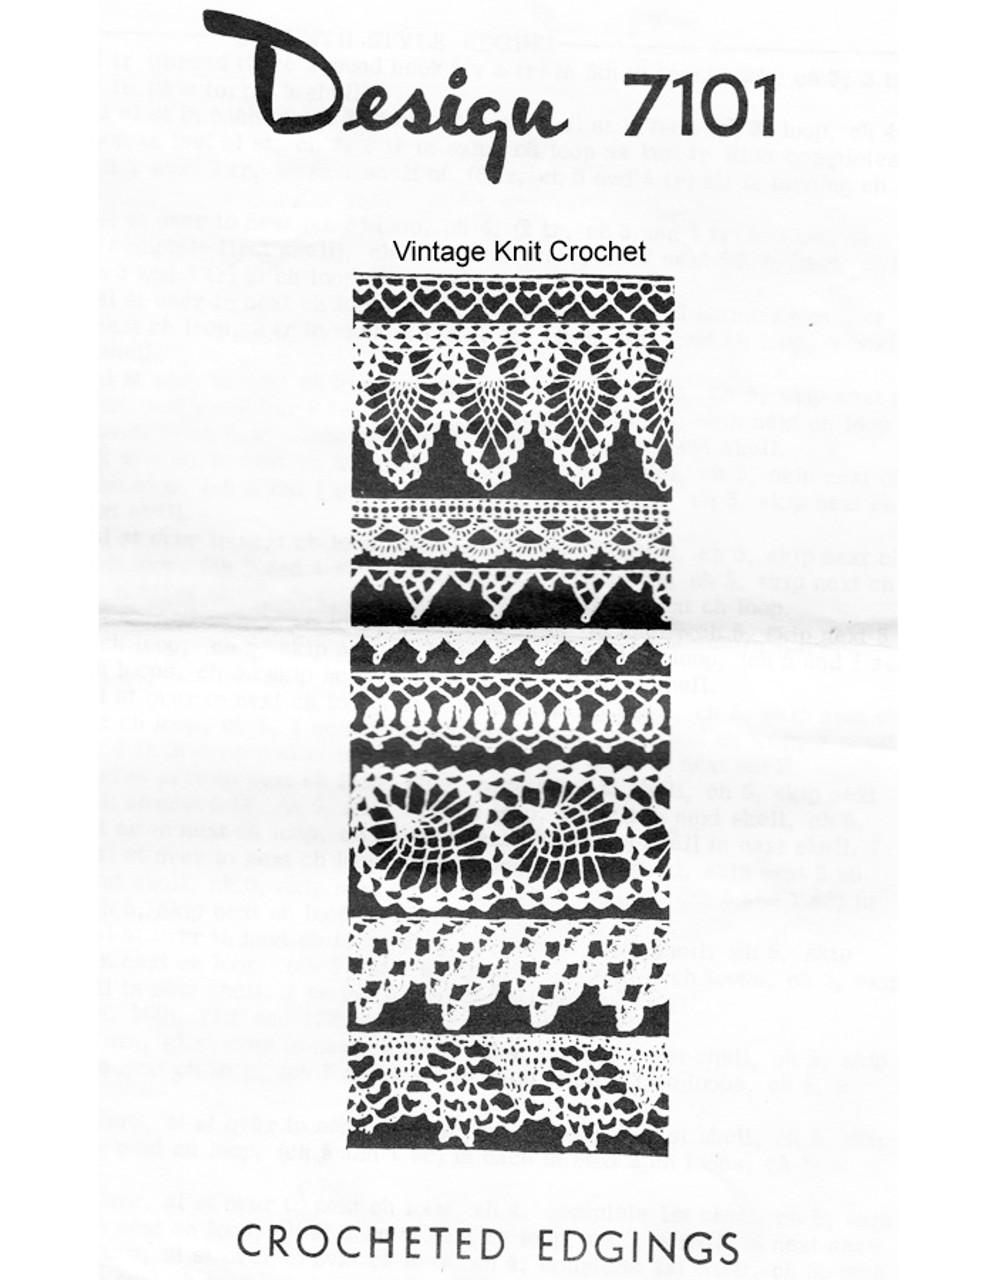 Mail Order Crochet Edgings Pattern, Design 7101